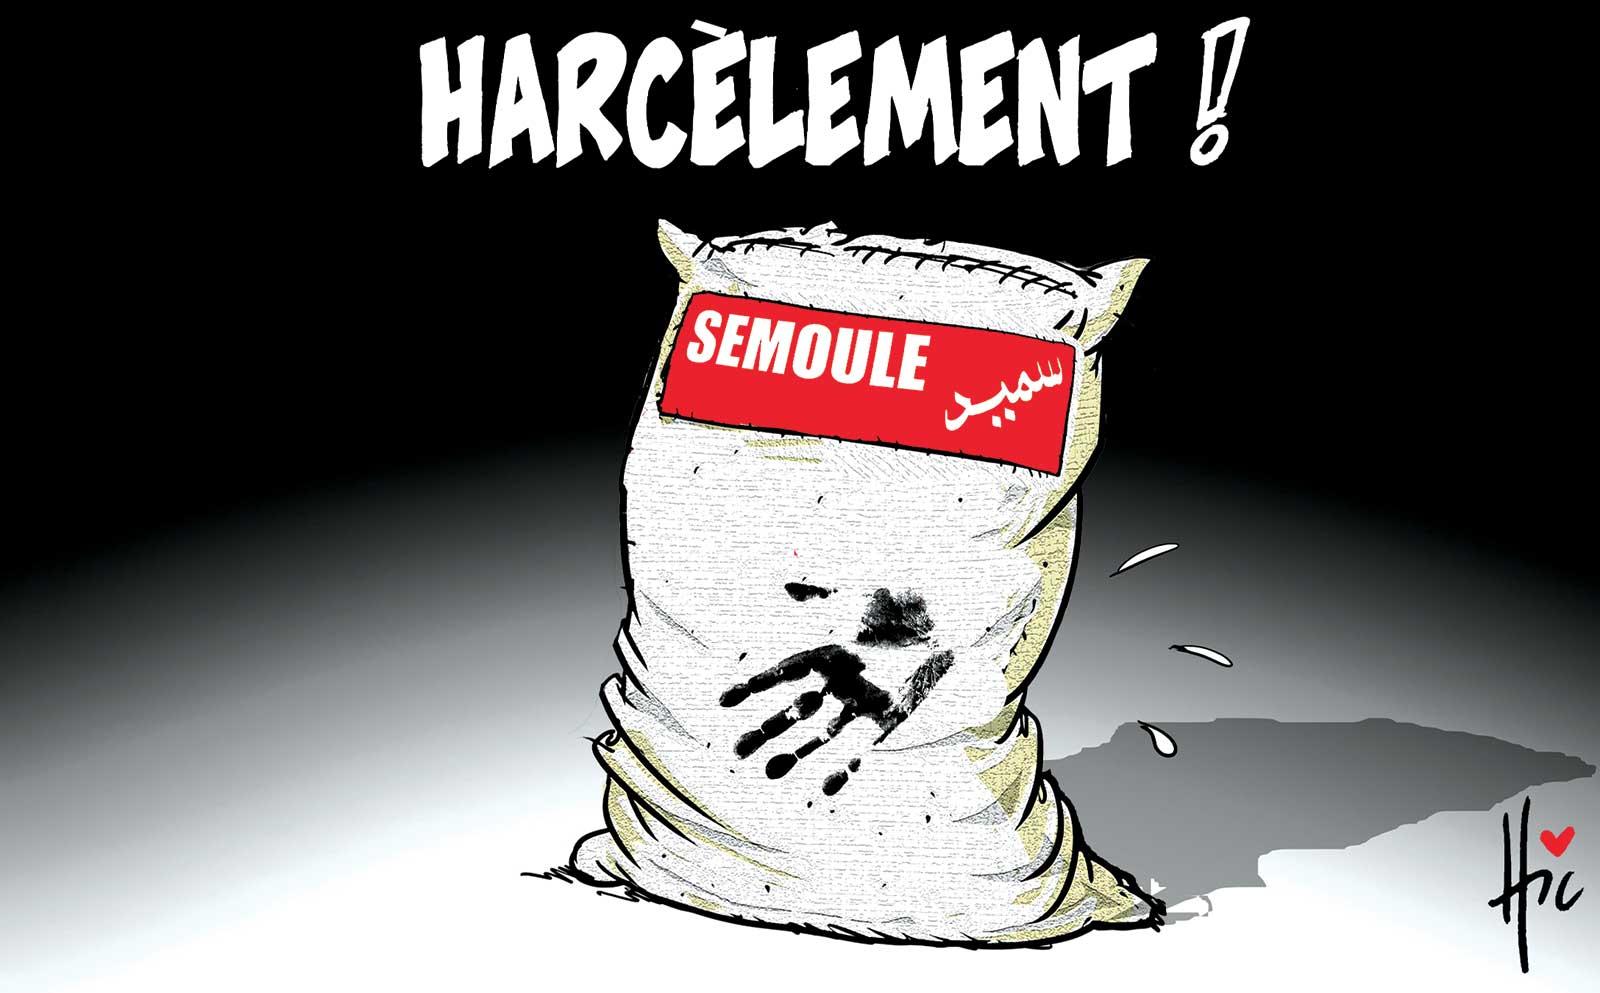 Semoule et Harcèlement ! - Dessins et Caricatures, Le Hic - El Watan - Gagdz.com